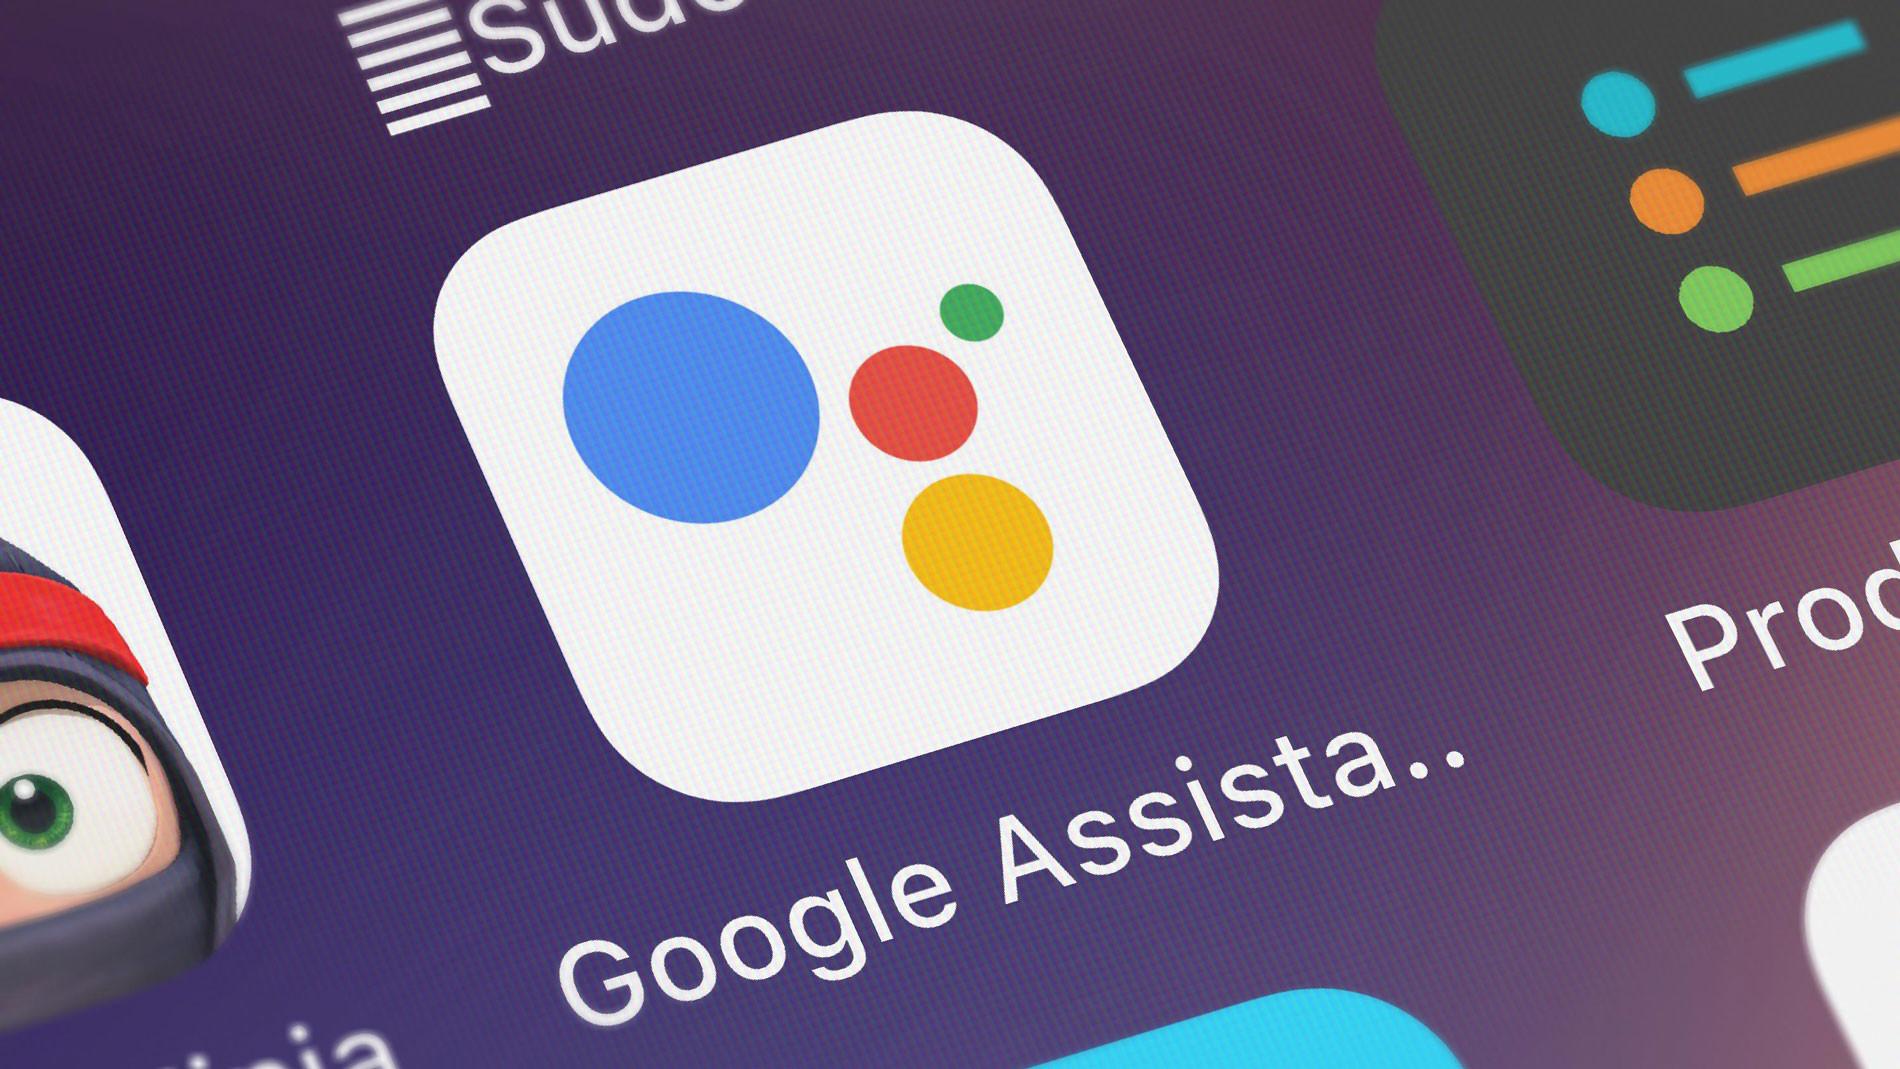 Как добавить образец голоса на устройство с google ассистентом, используя voice match